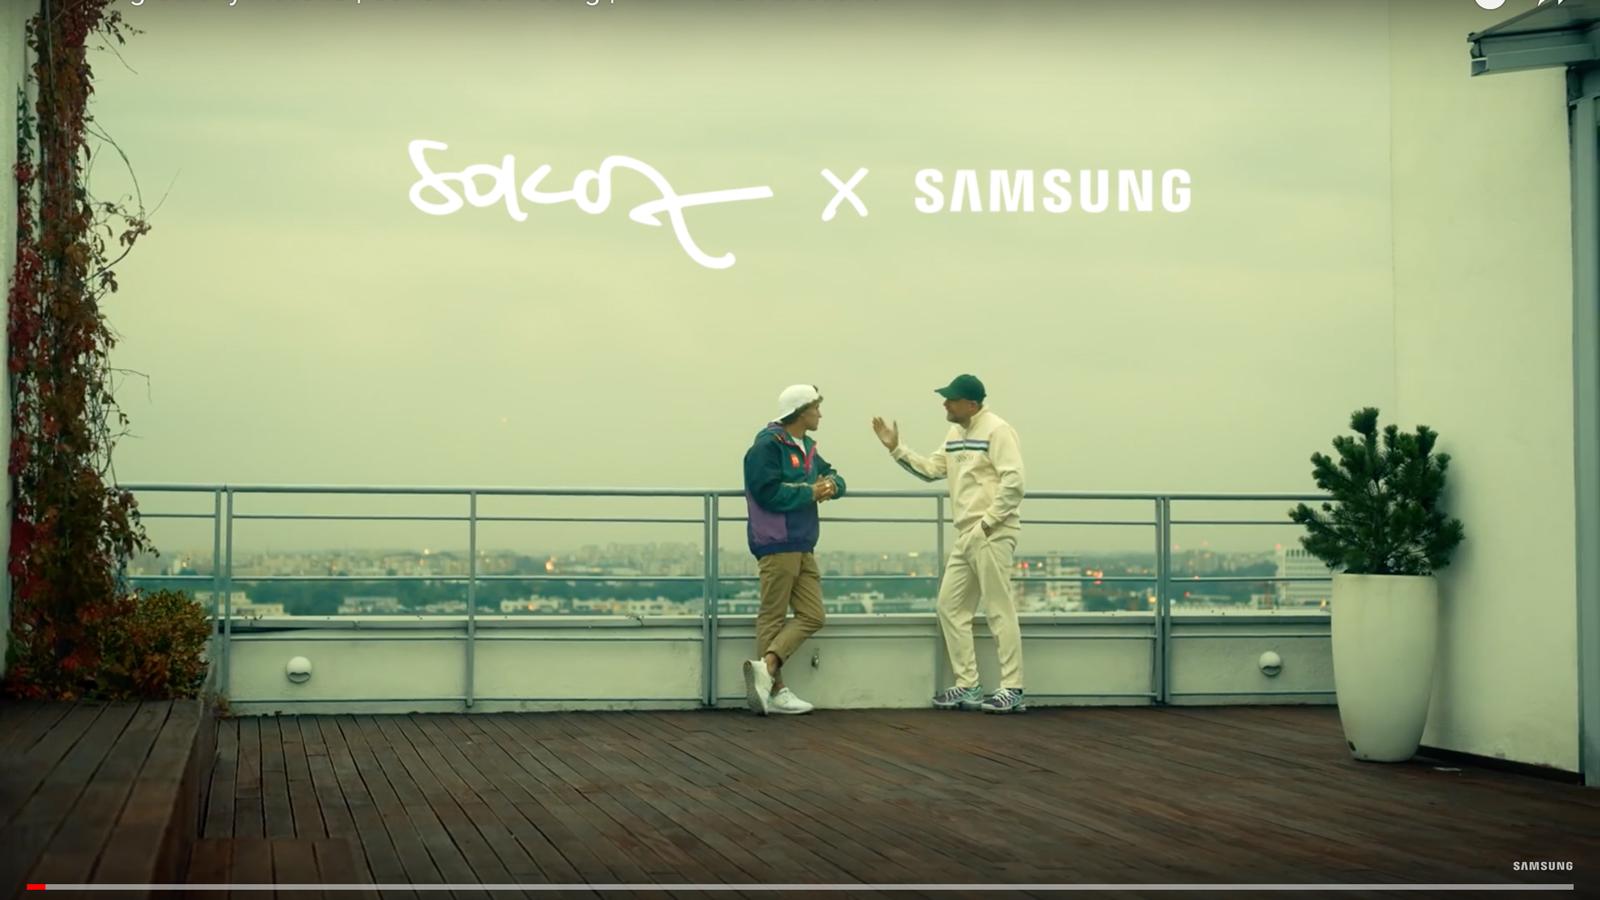 SAMSUNG bawi wszystkich nową reklamą! Samsung mediarun samsung reklama 2019